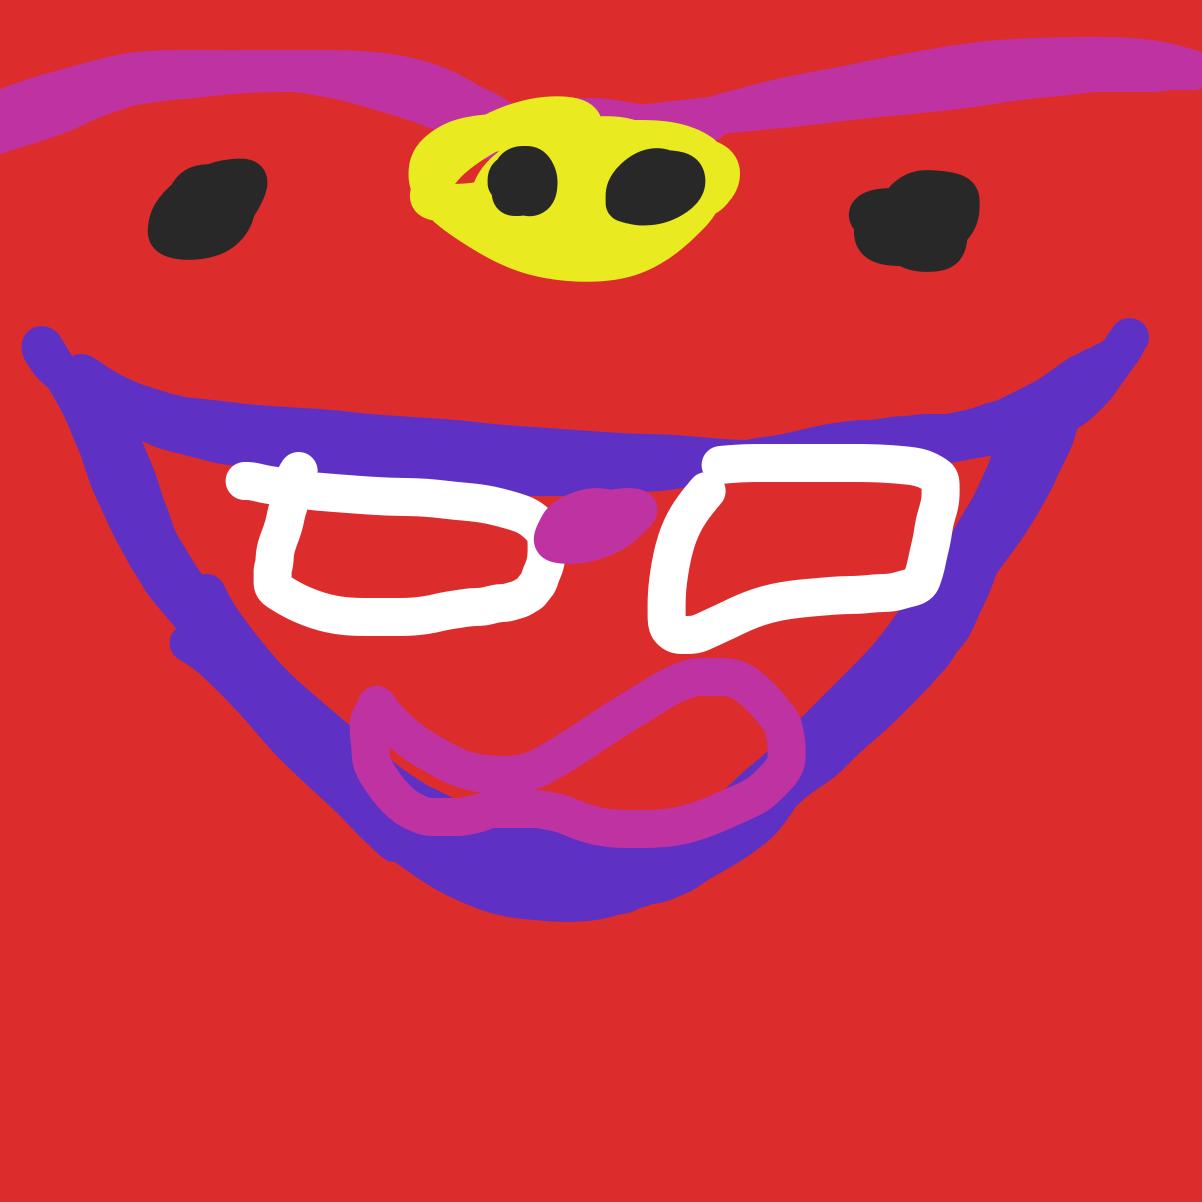 Profile picture for the comic artist, Zilo